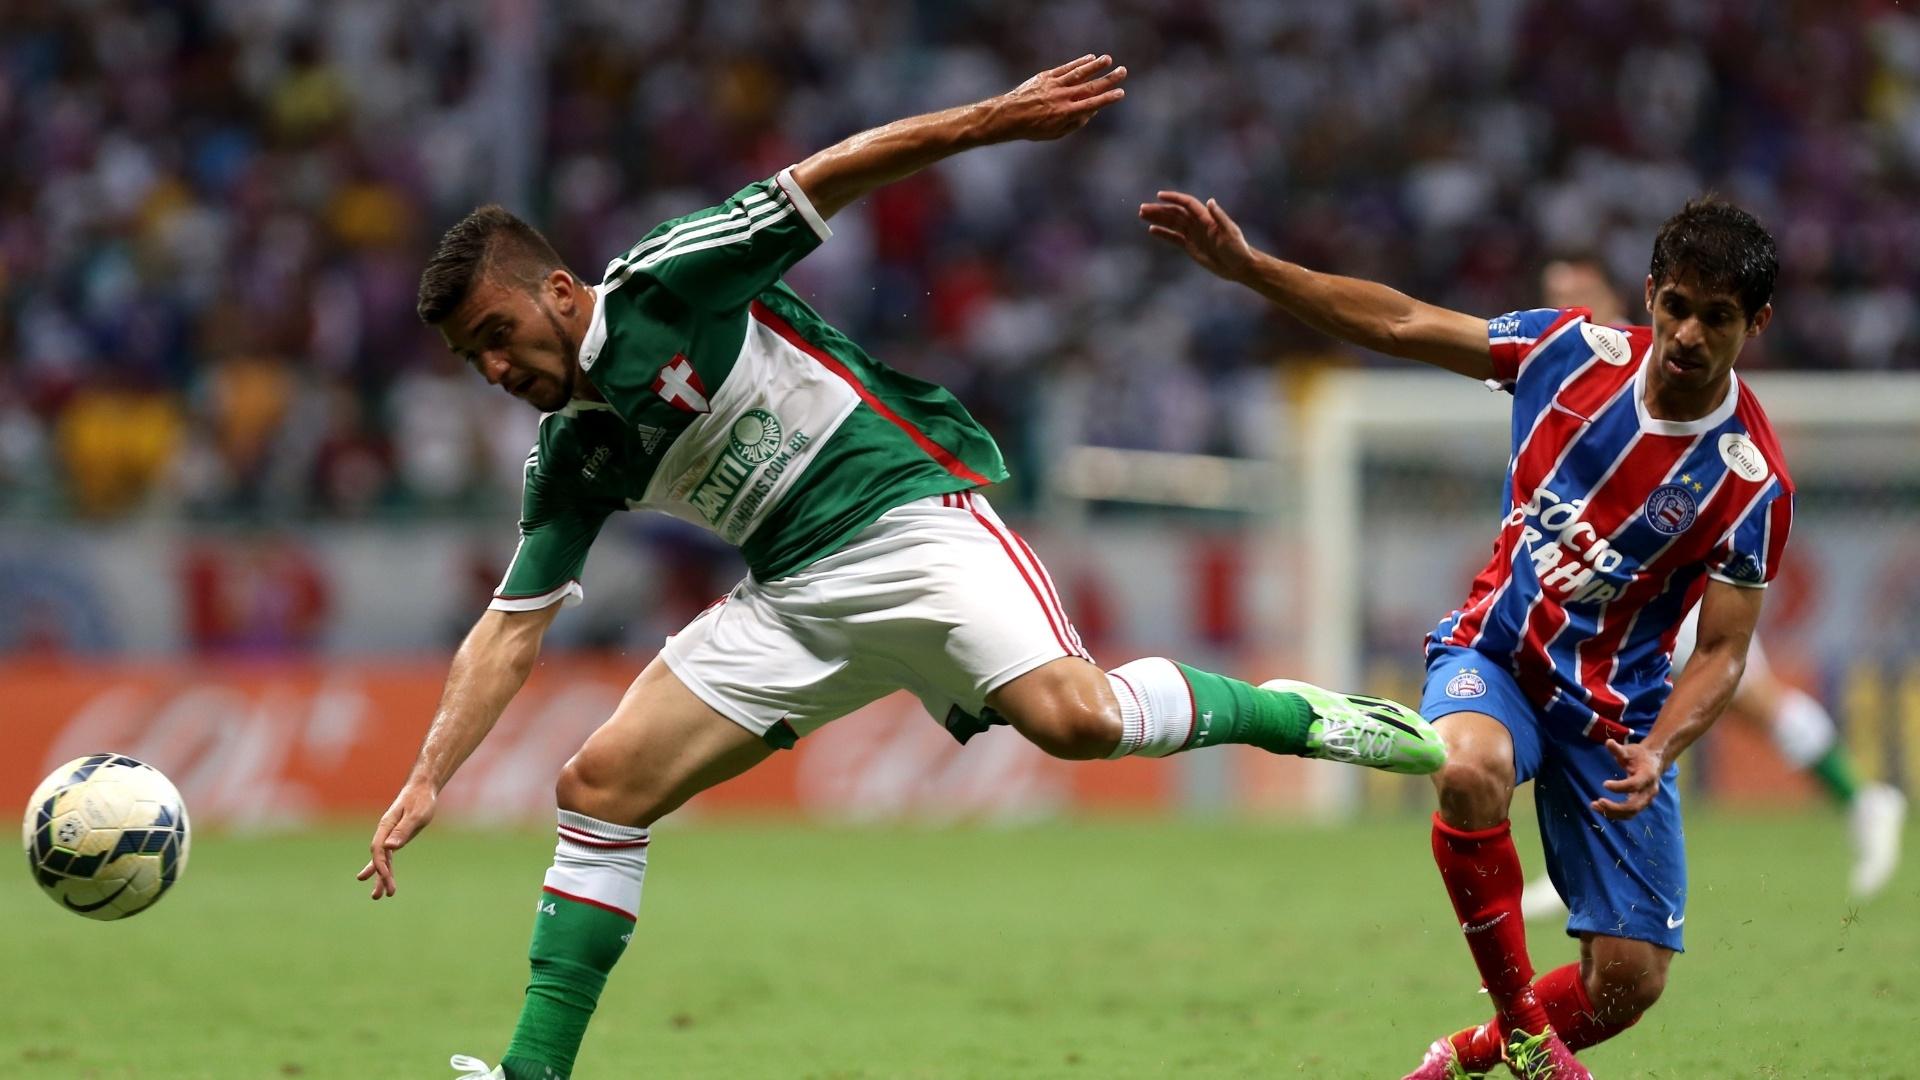 Victor Luis tenta escapar da marcação do Bahia em jogo do Palmeiras pelo Brasileirão